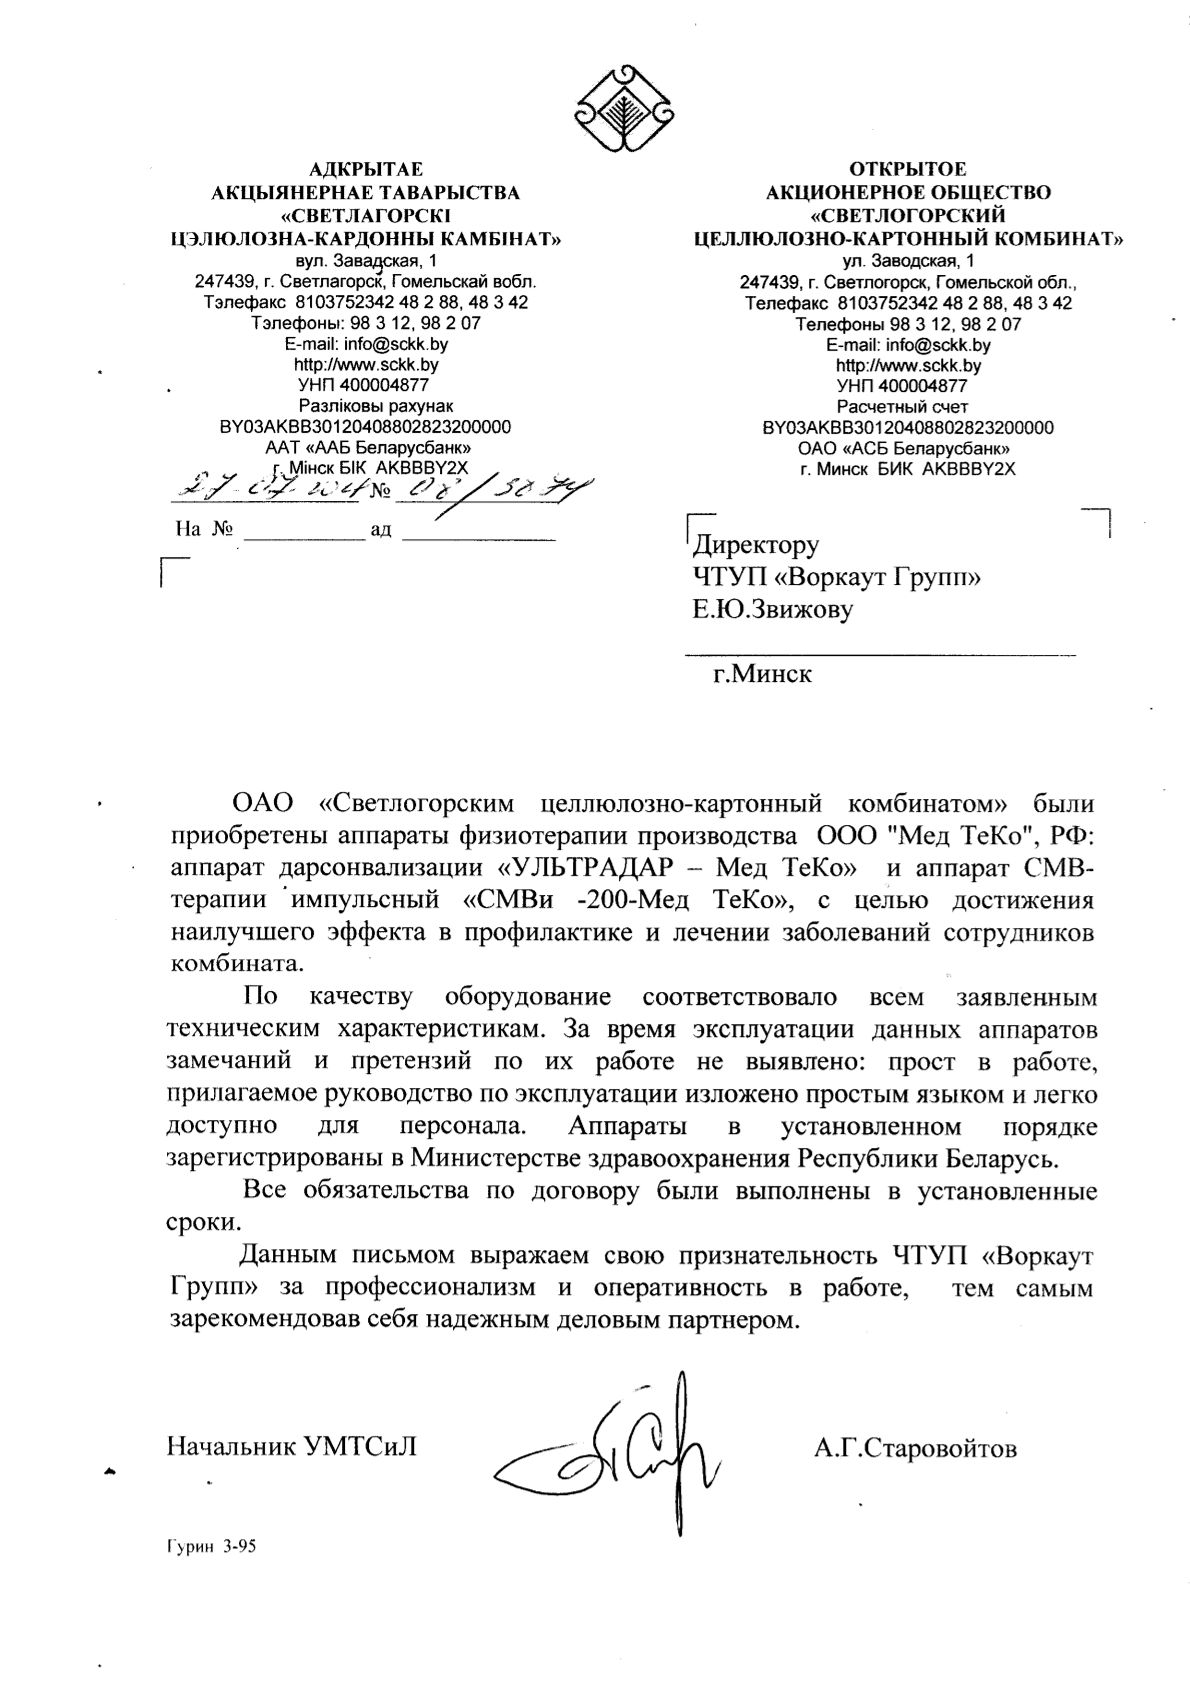 Отзыв Светлогорский целлюлозно-картонный комбинат - СМВ-терапия и Ультрадар